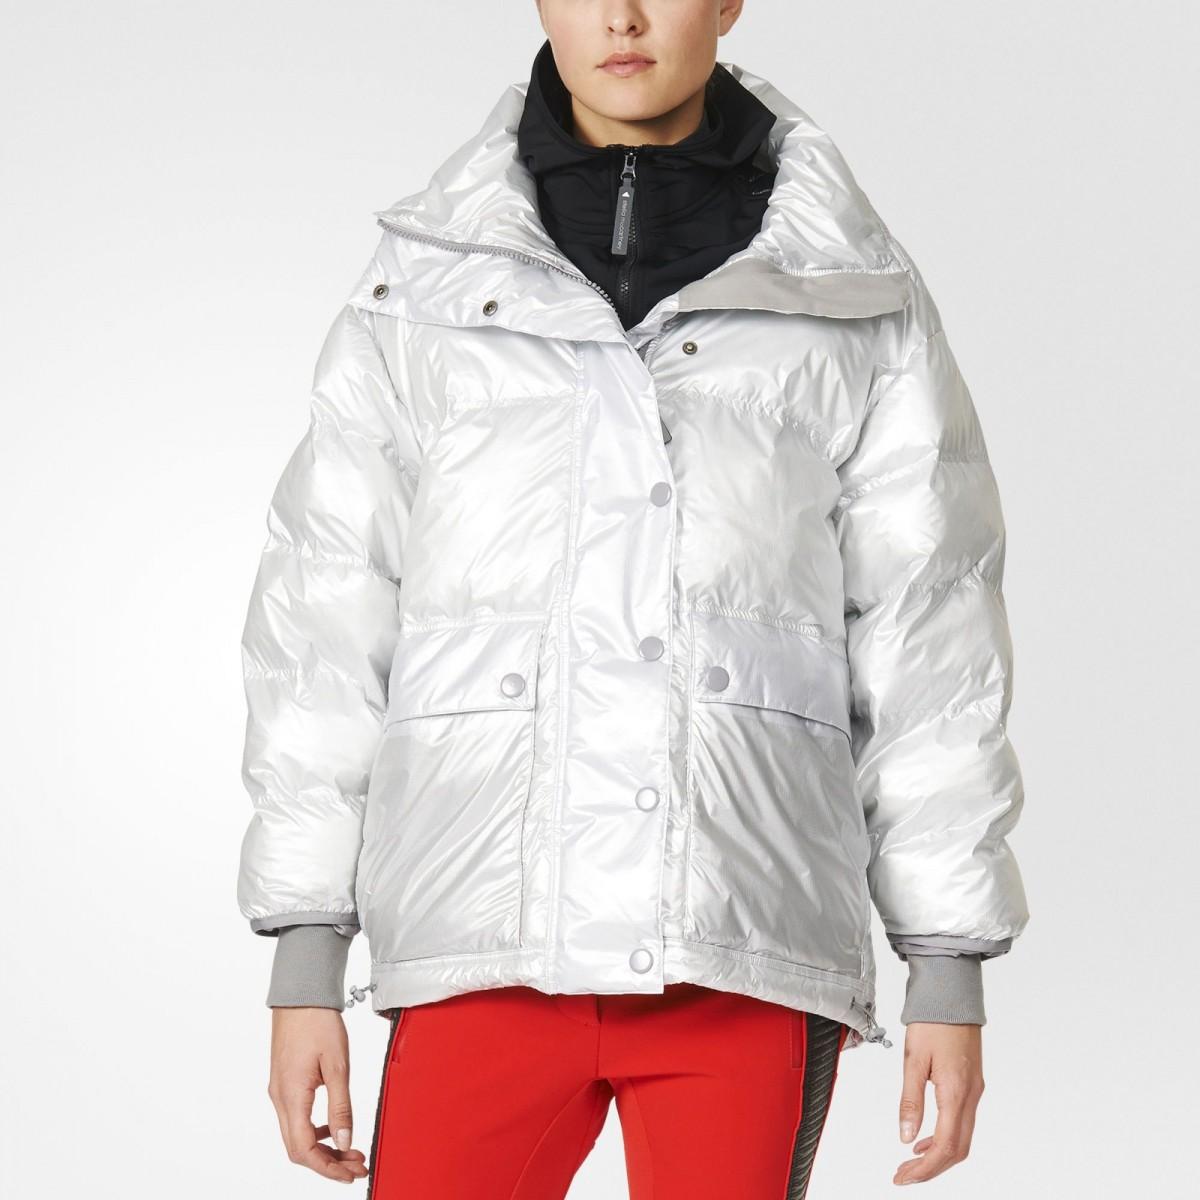 Куртки 2016-2017: какие куртки модные и как их носить этой зимой